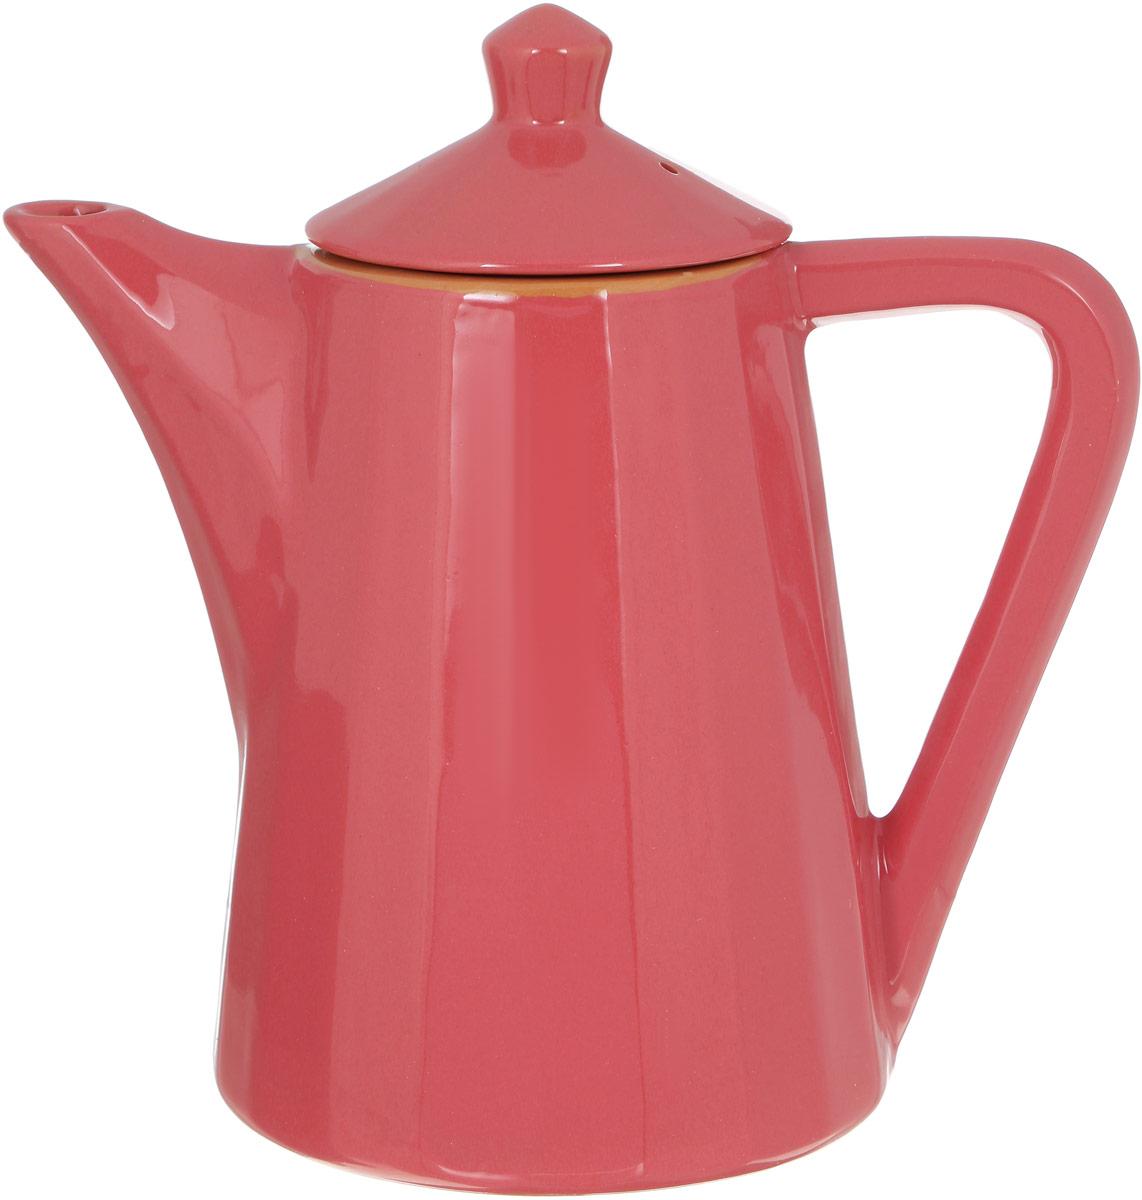 Чайник заварочный Борисовская керамика Ностальгия, цвет: розовый, 800 млРАД14458176_розовыйЗаварочный чайник Борисовская керамика Ностальгия изготовлен из высококачественной керамики и имеет глазурованное покрытие. Благодаря такому материалу чай дольше сохраняет свою температуру. Изысканный дизайн придется по вкусу и ценителям классики и тем, кто предпочитает современный стиль.Объем: 800 мл.